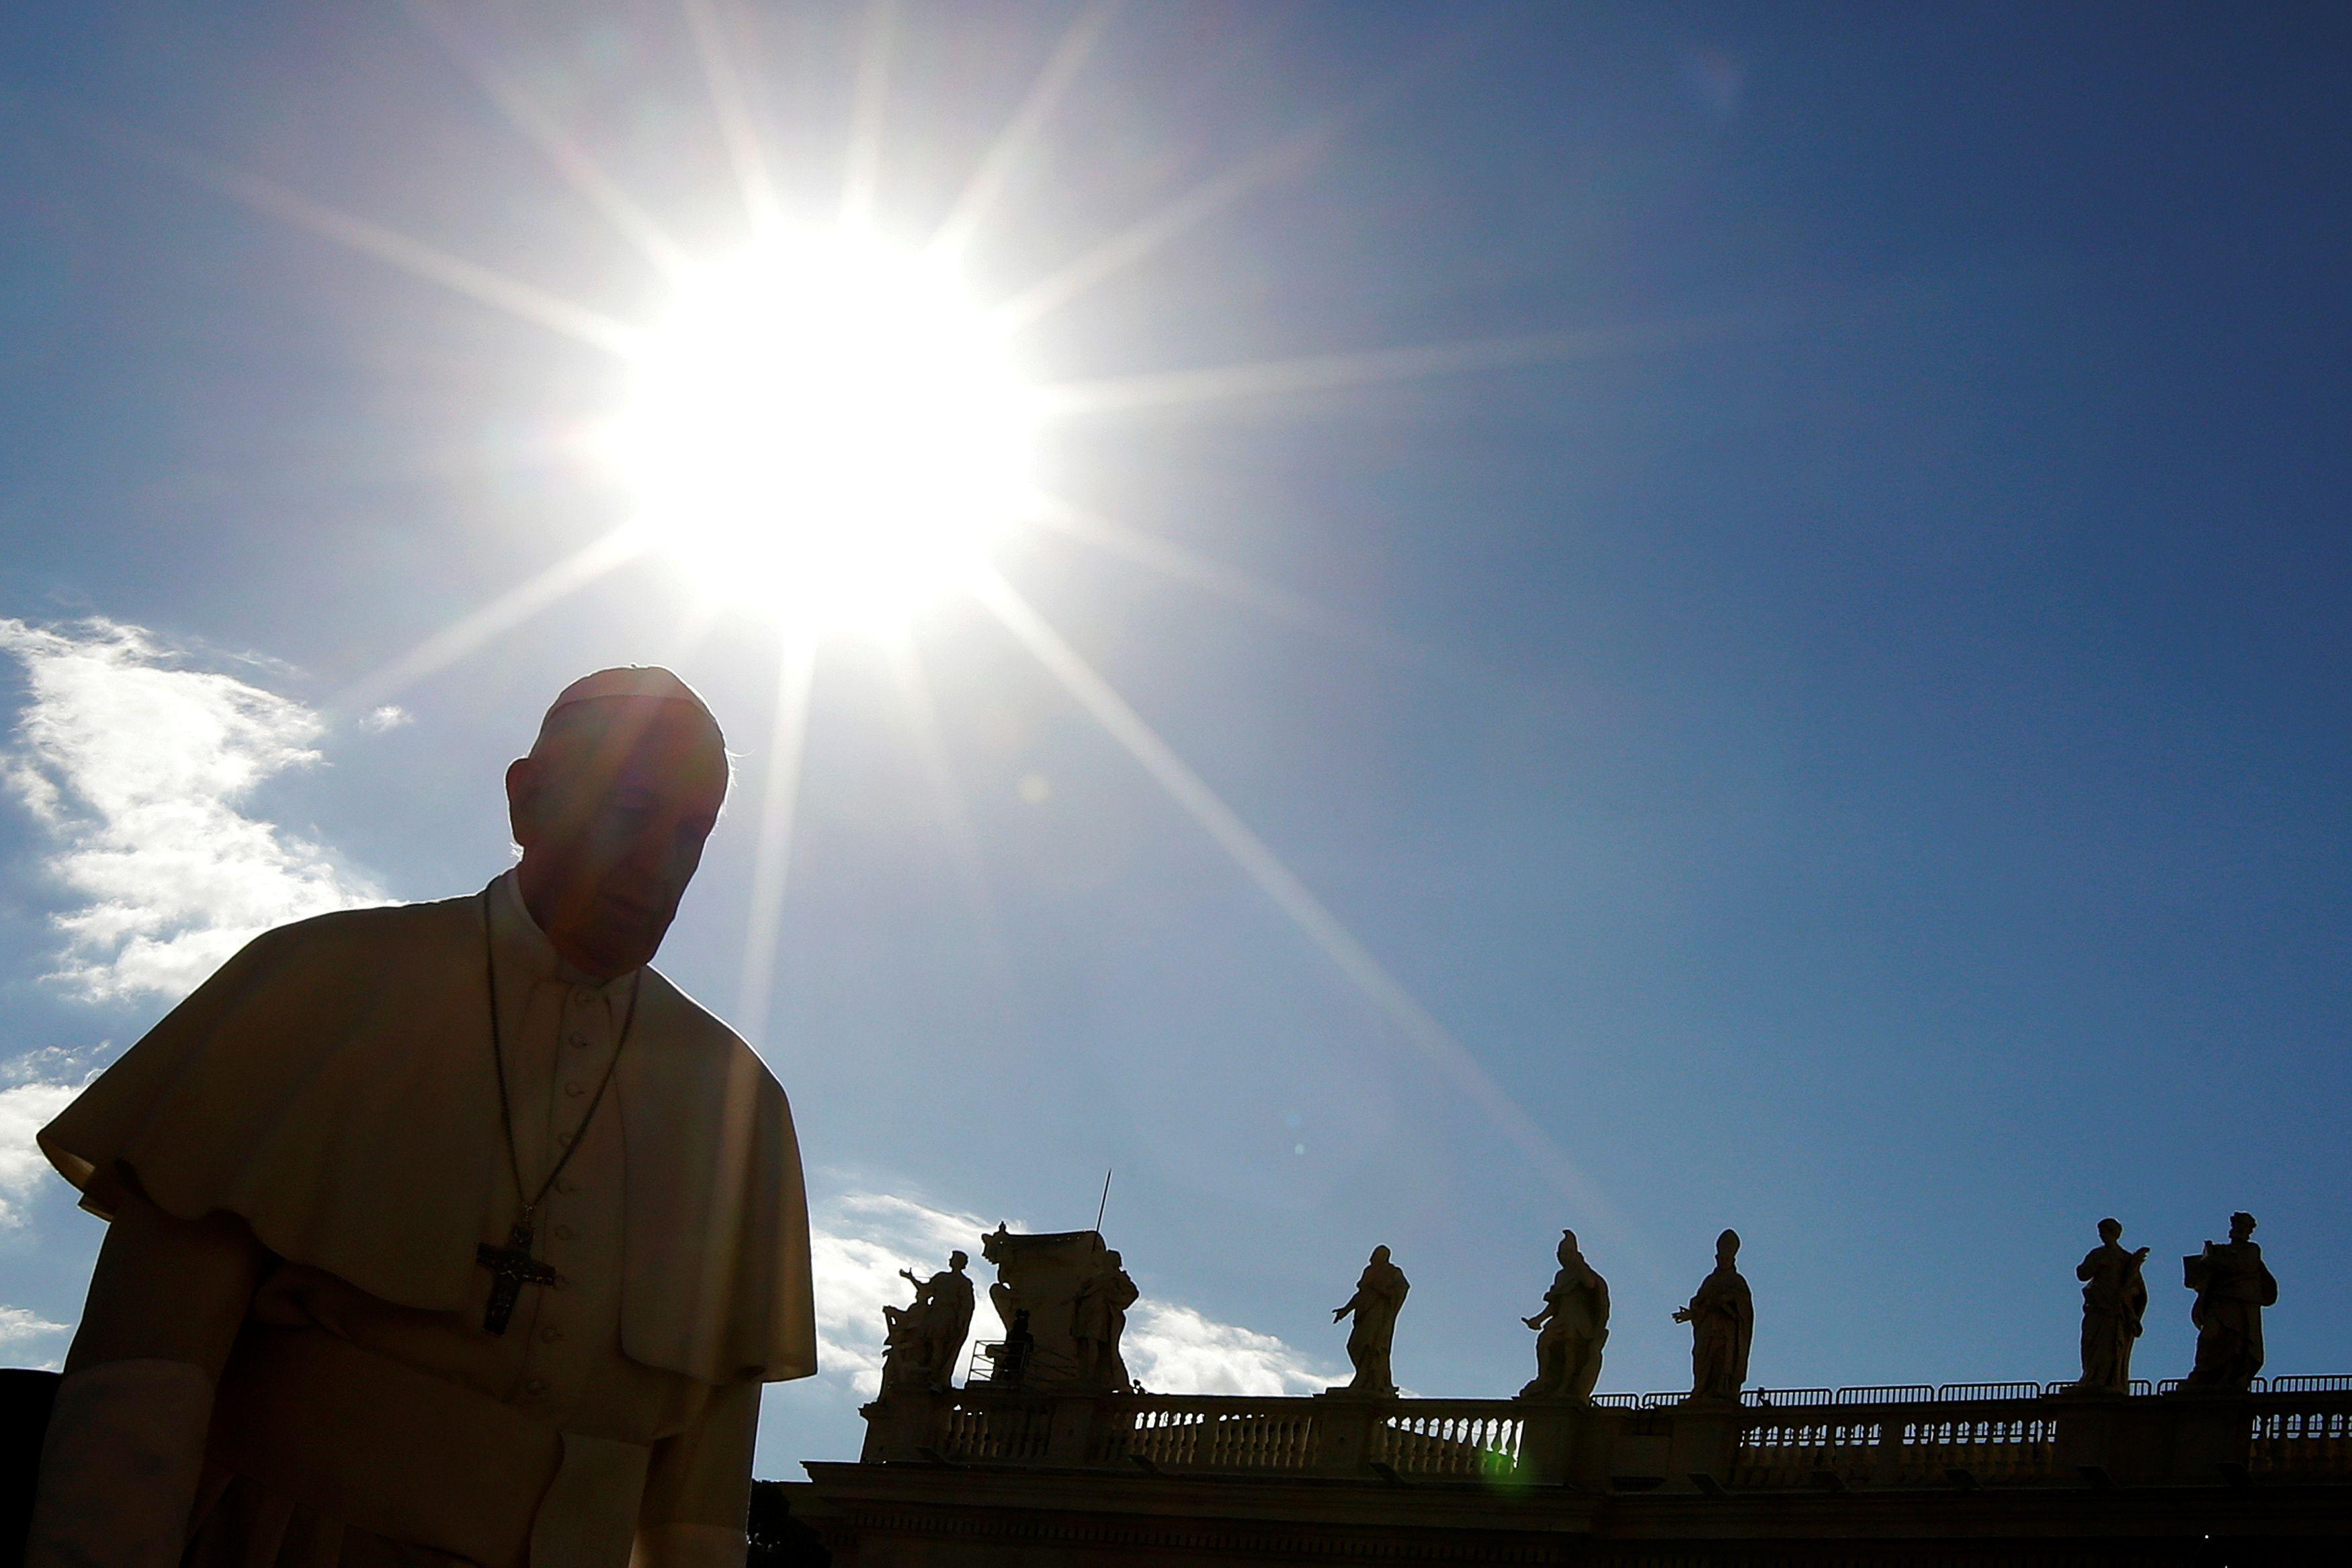 Les catholiques sont beaucoup plus présents aujourd'hui dans la vie politique américaine et occupent des postes de plus en plus importants. Surtout, ils n'ont plus peur de s'affirmer comme tels et d'agir en cohérence avec leur foi.